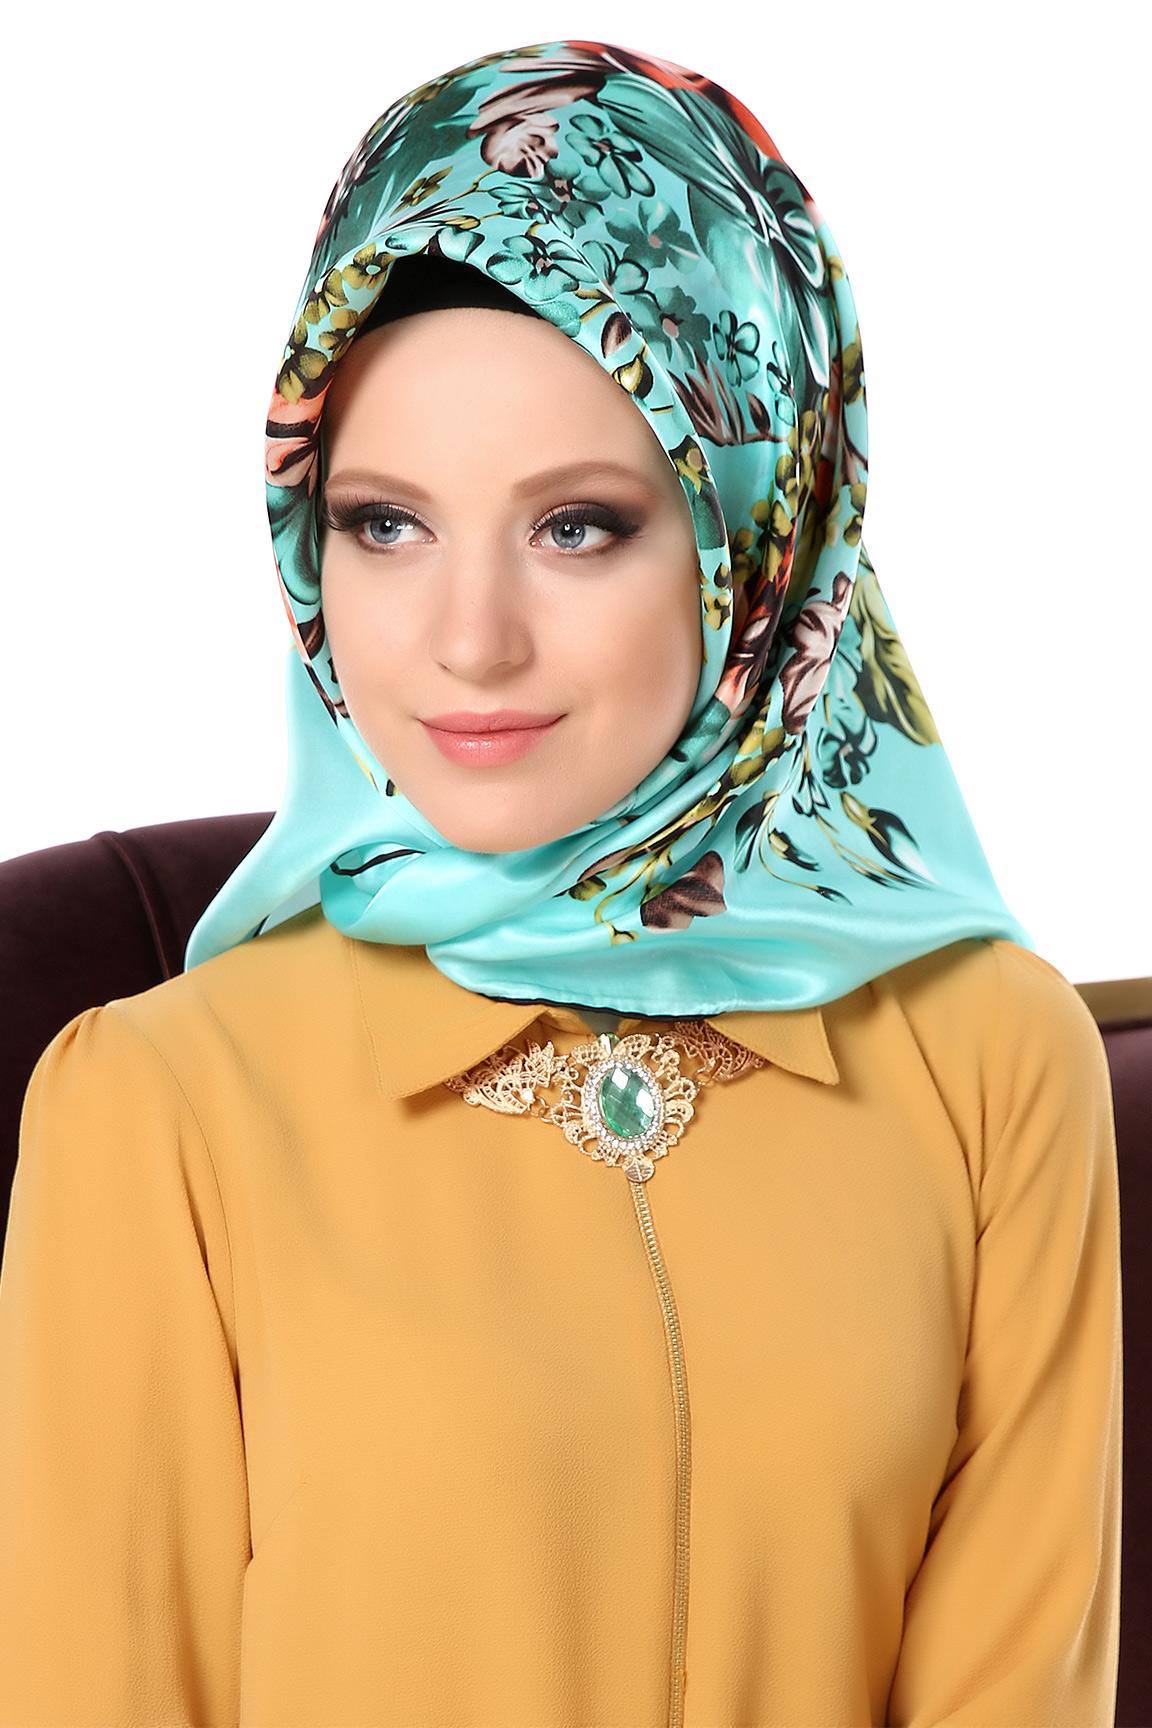 بالصور موديلات حجابات تركية , احدث موديلات حجاب تركيه 5641 2